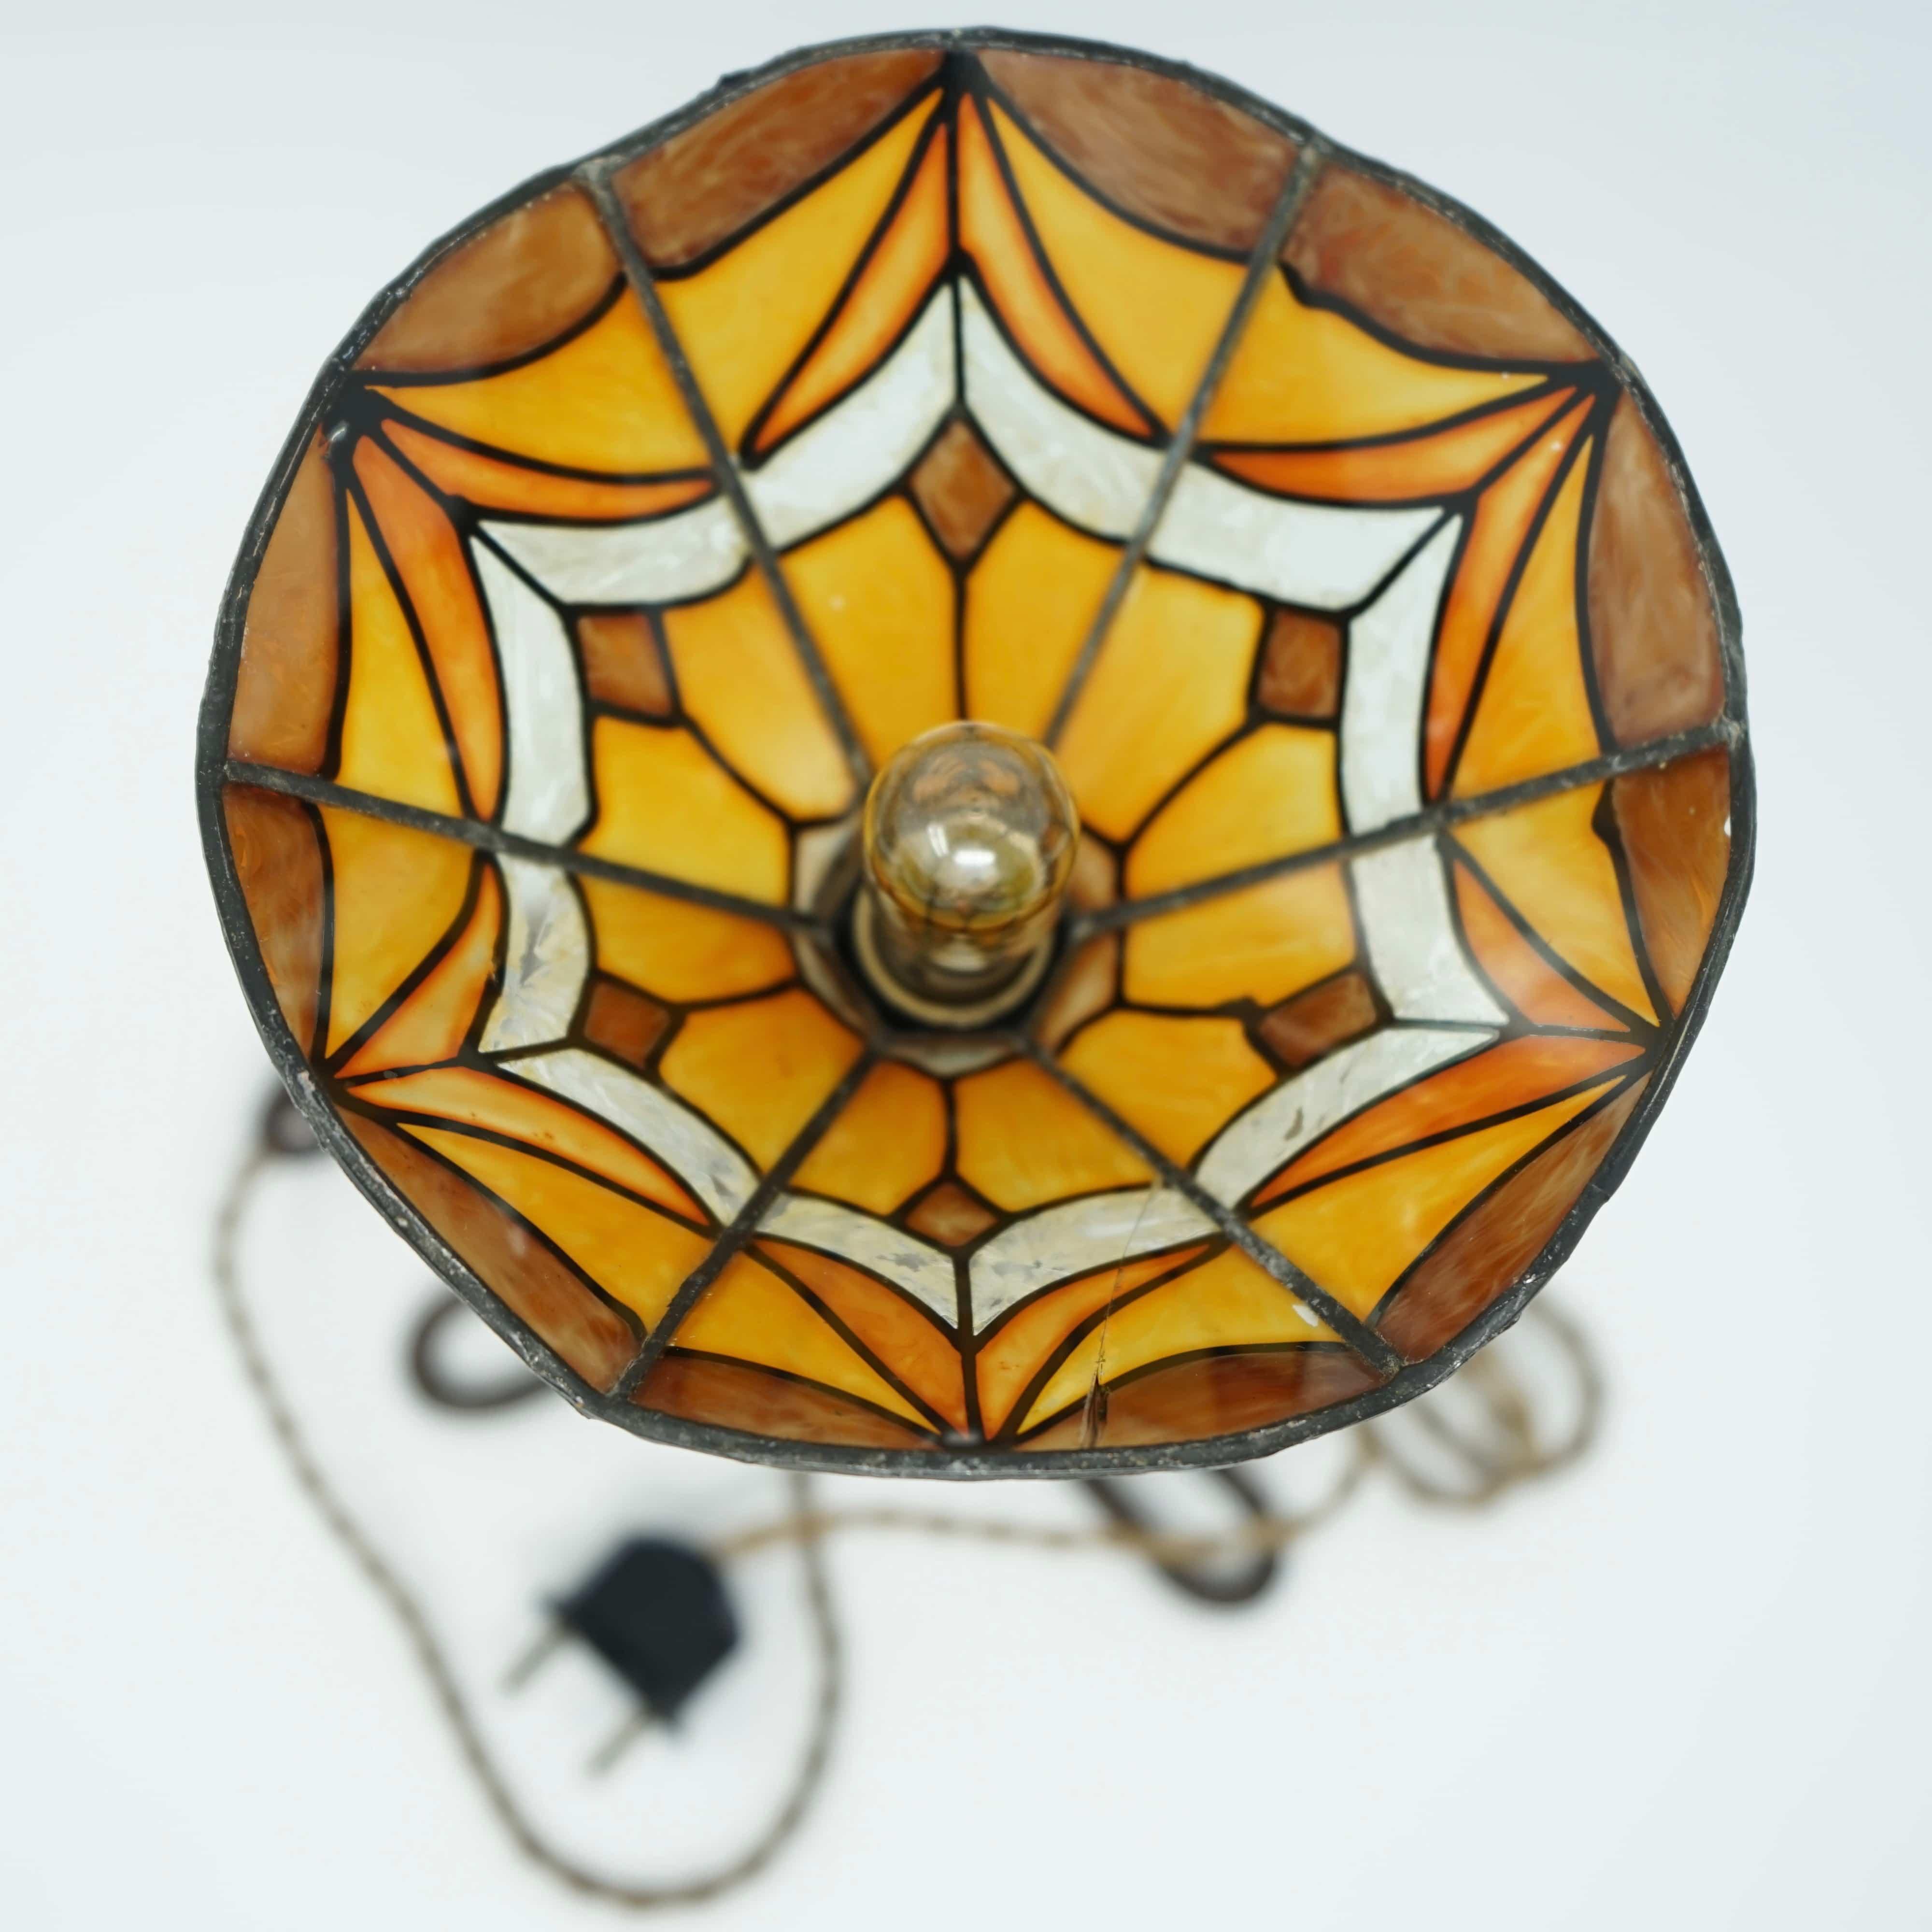 Lampe Art Nouveau, en verre et fer forgé.